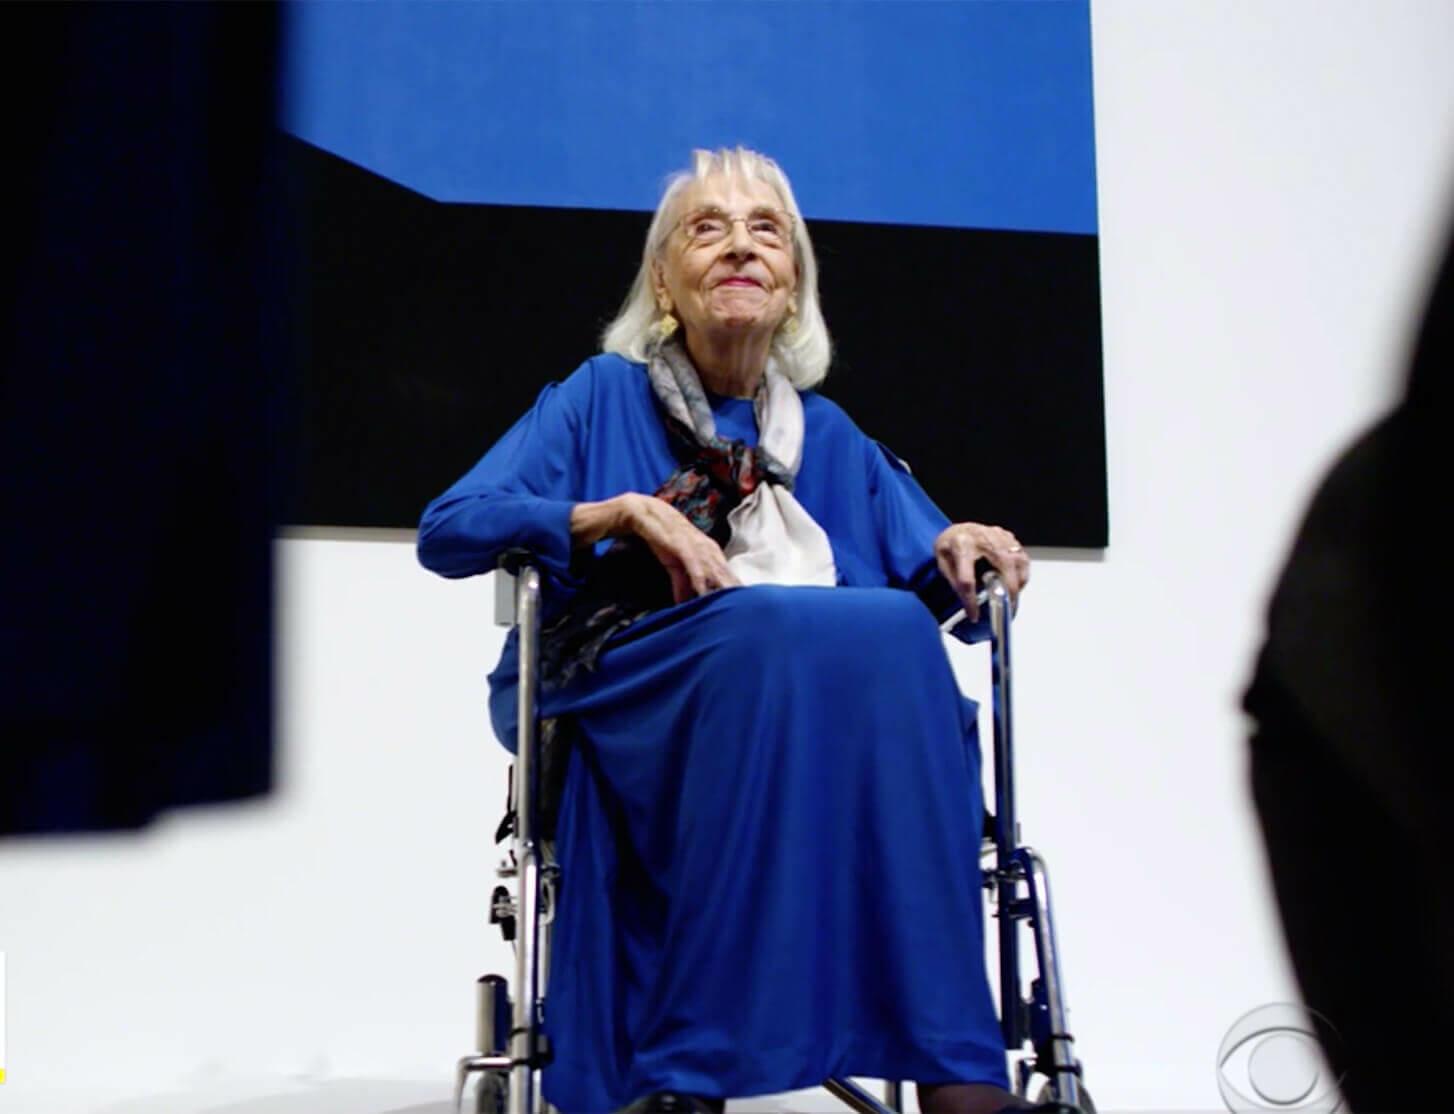 101-year-old artist Carmen Herrera seeks order in her work - CBS News